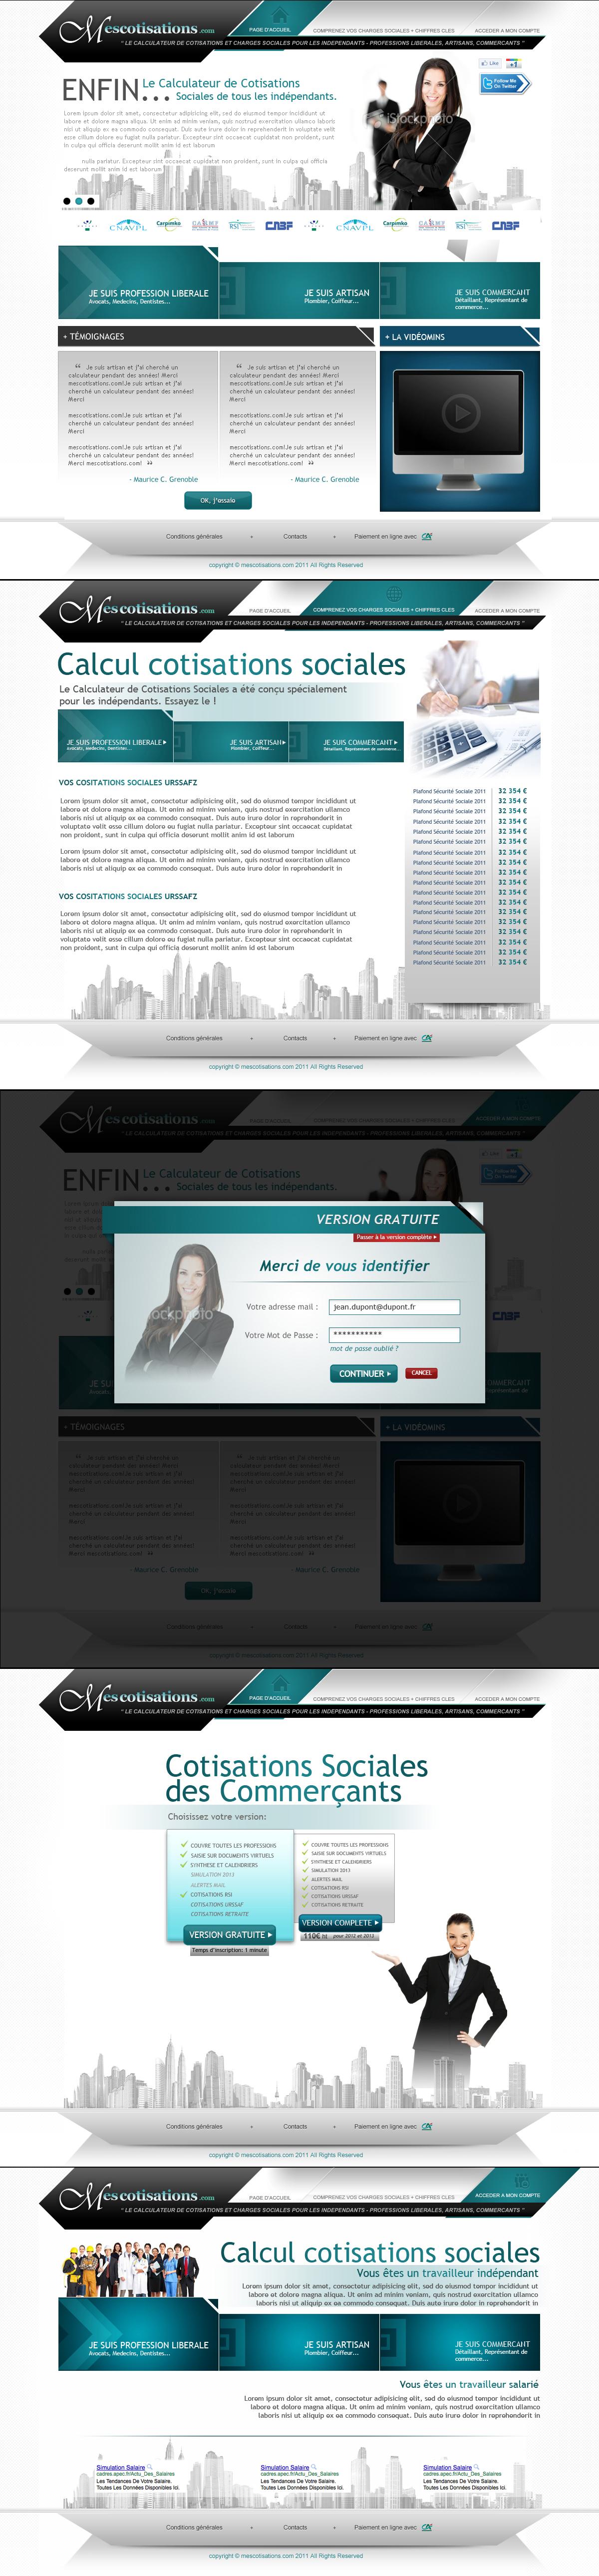 Mescotisations.com by rp-designs